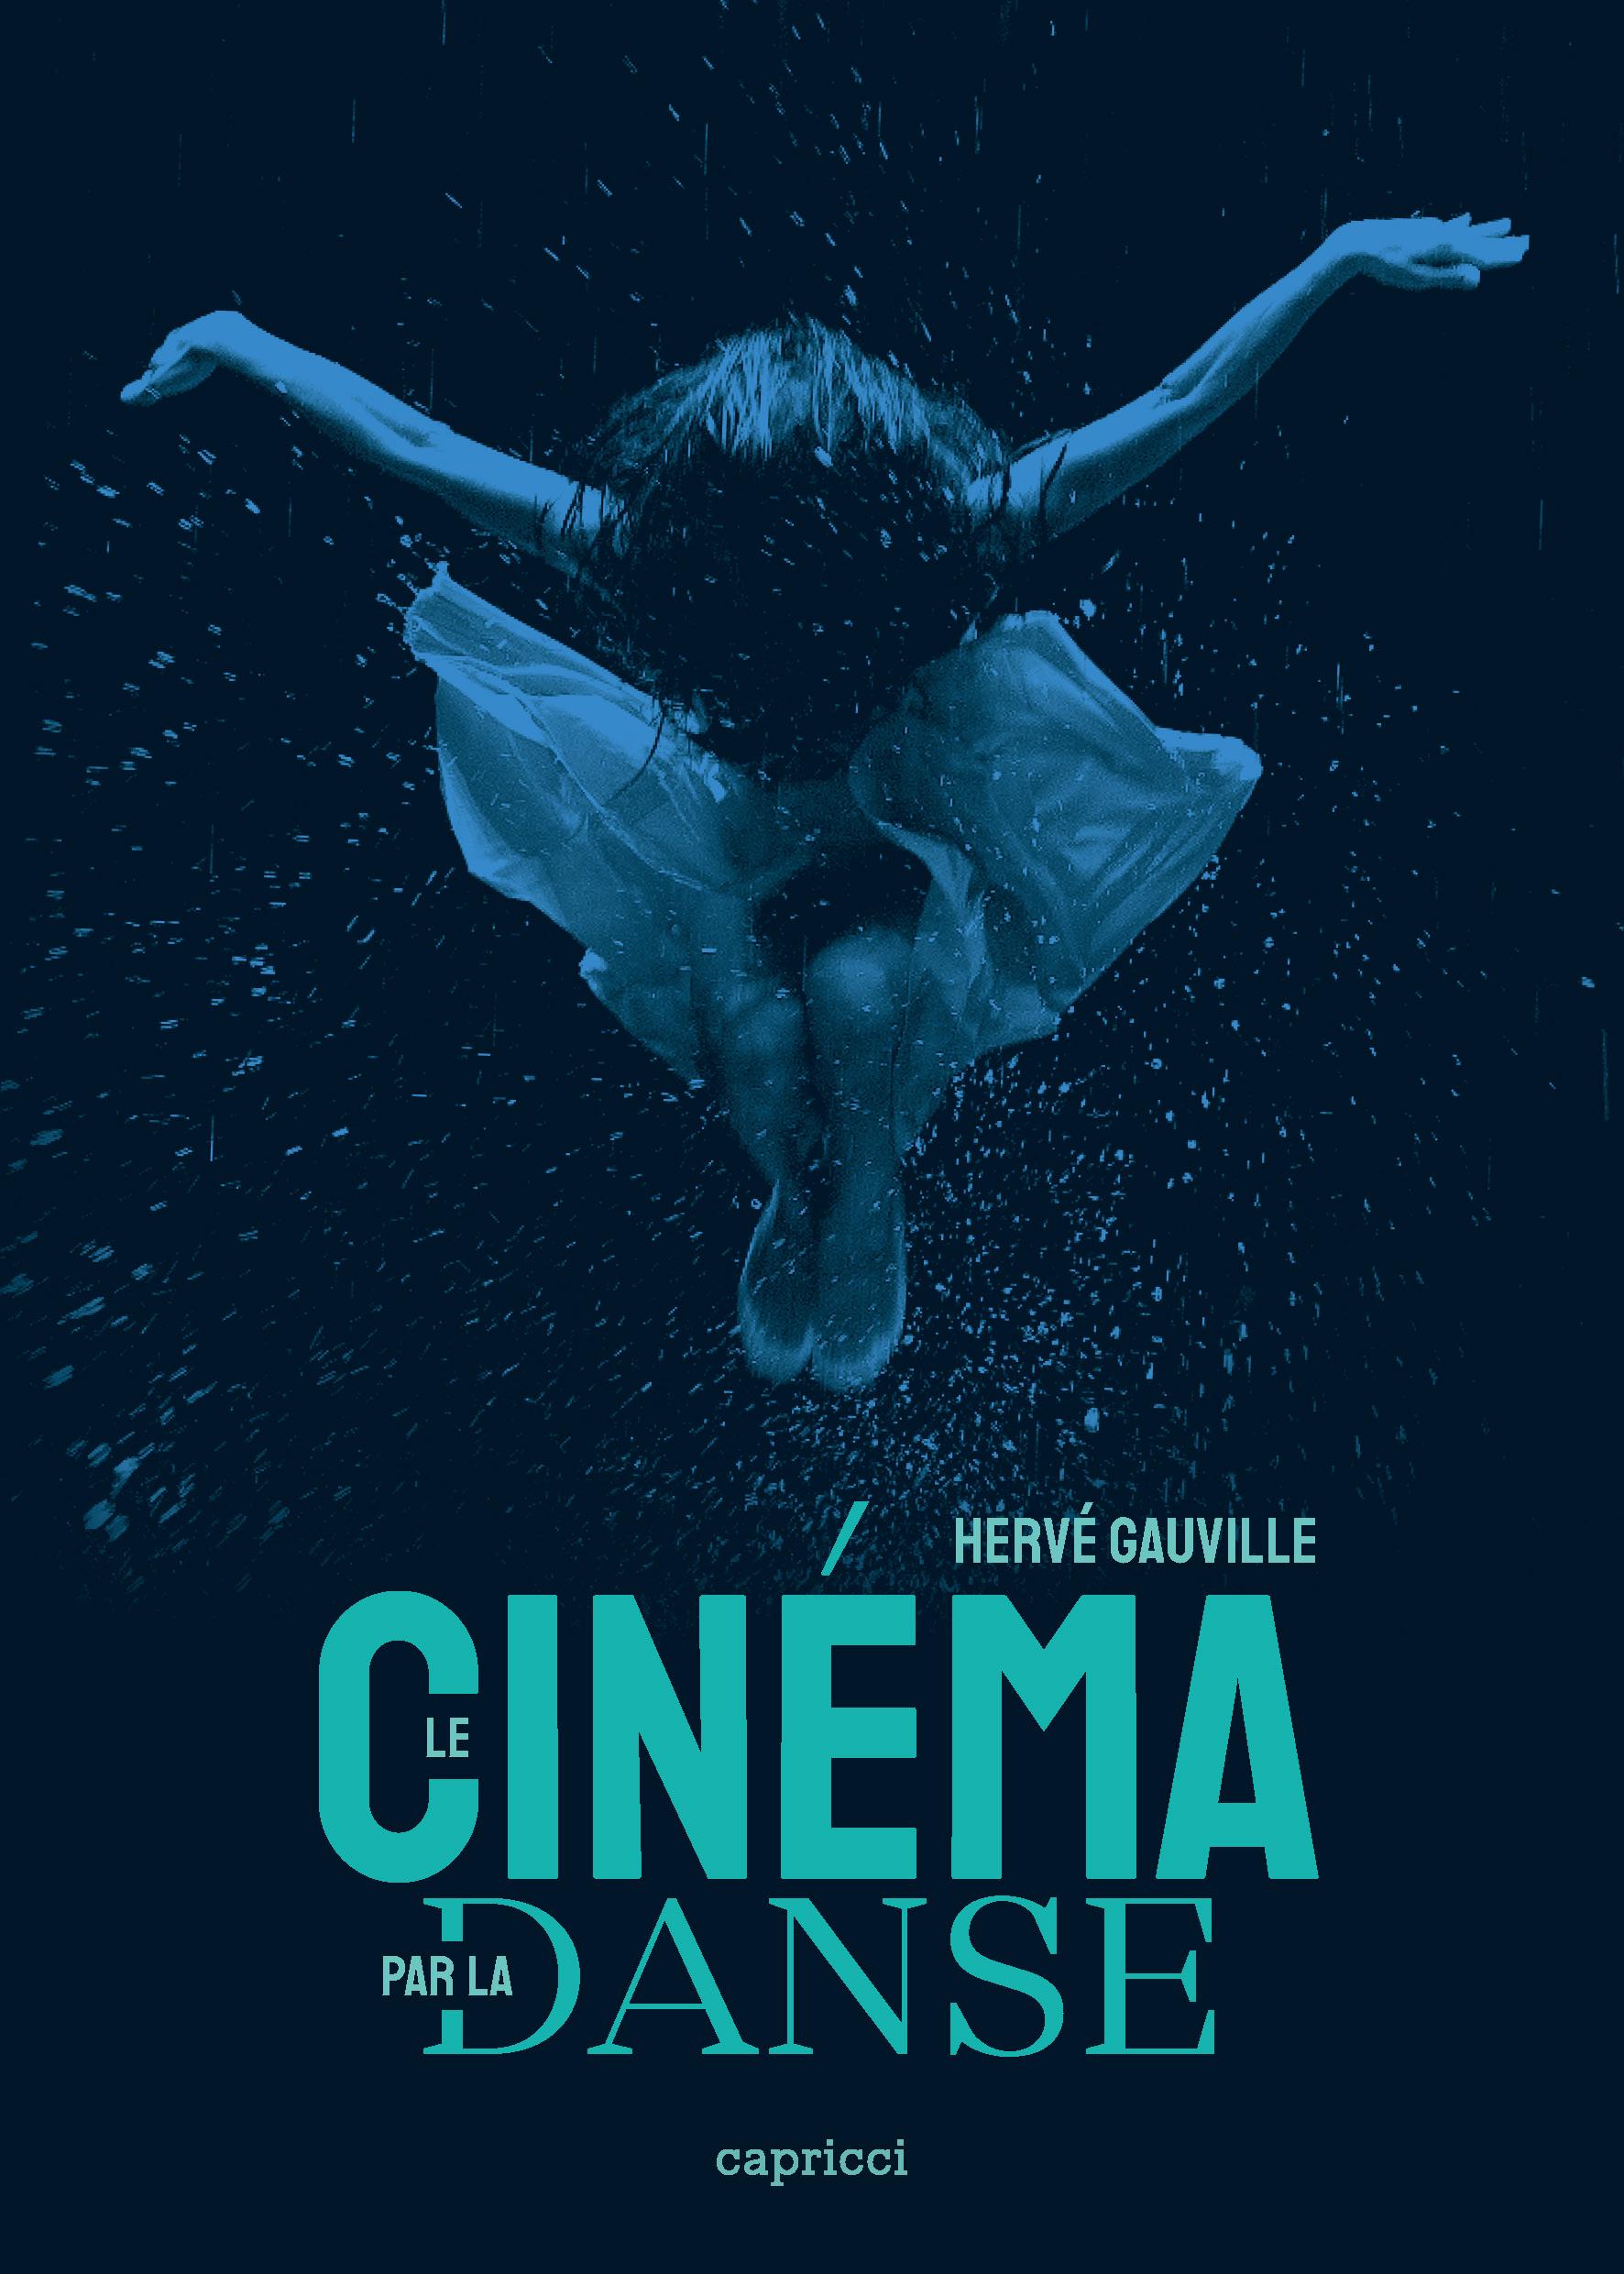 La cinéma par la danse, de Hervé Gauville